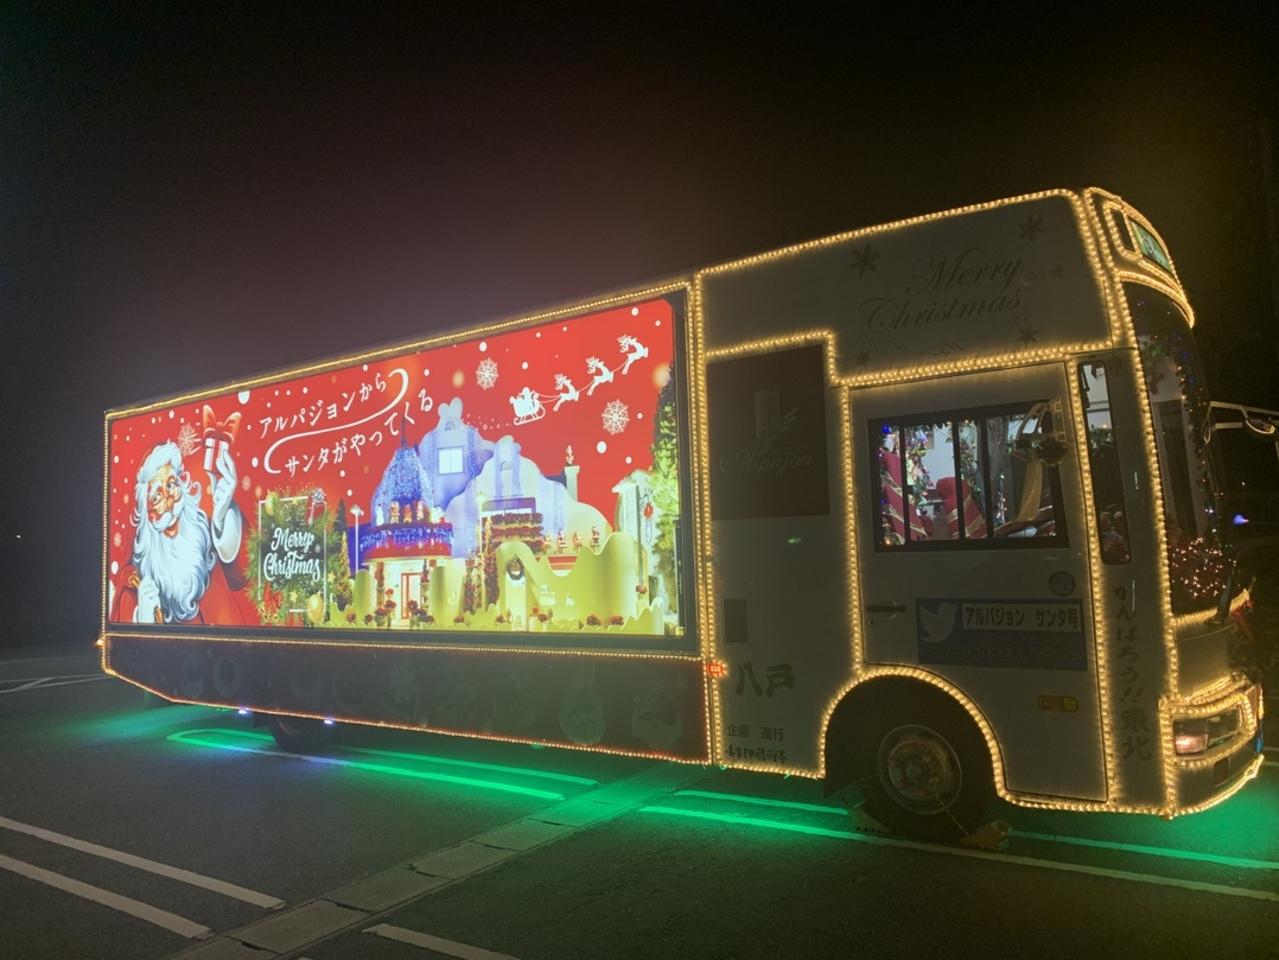 【SNSで話題!】幸せを運ぶアドトラック『アルパジョン サンタ号』2020年の運行スタートしました!